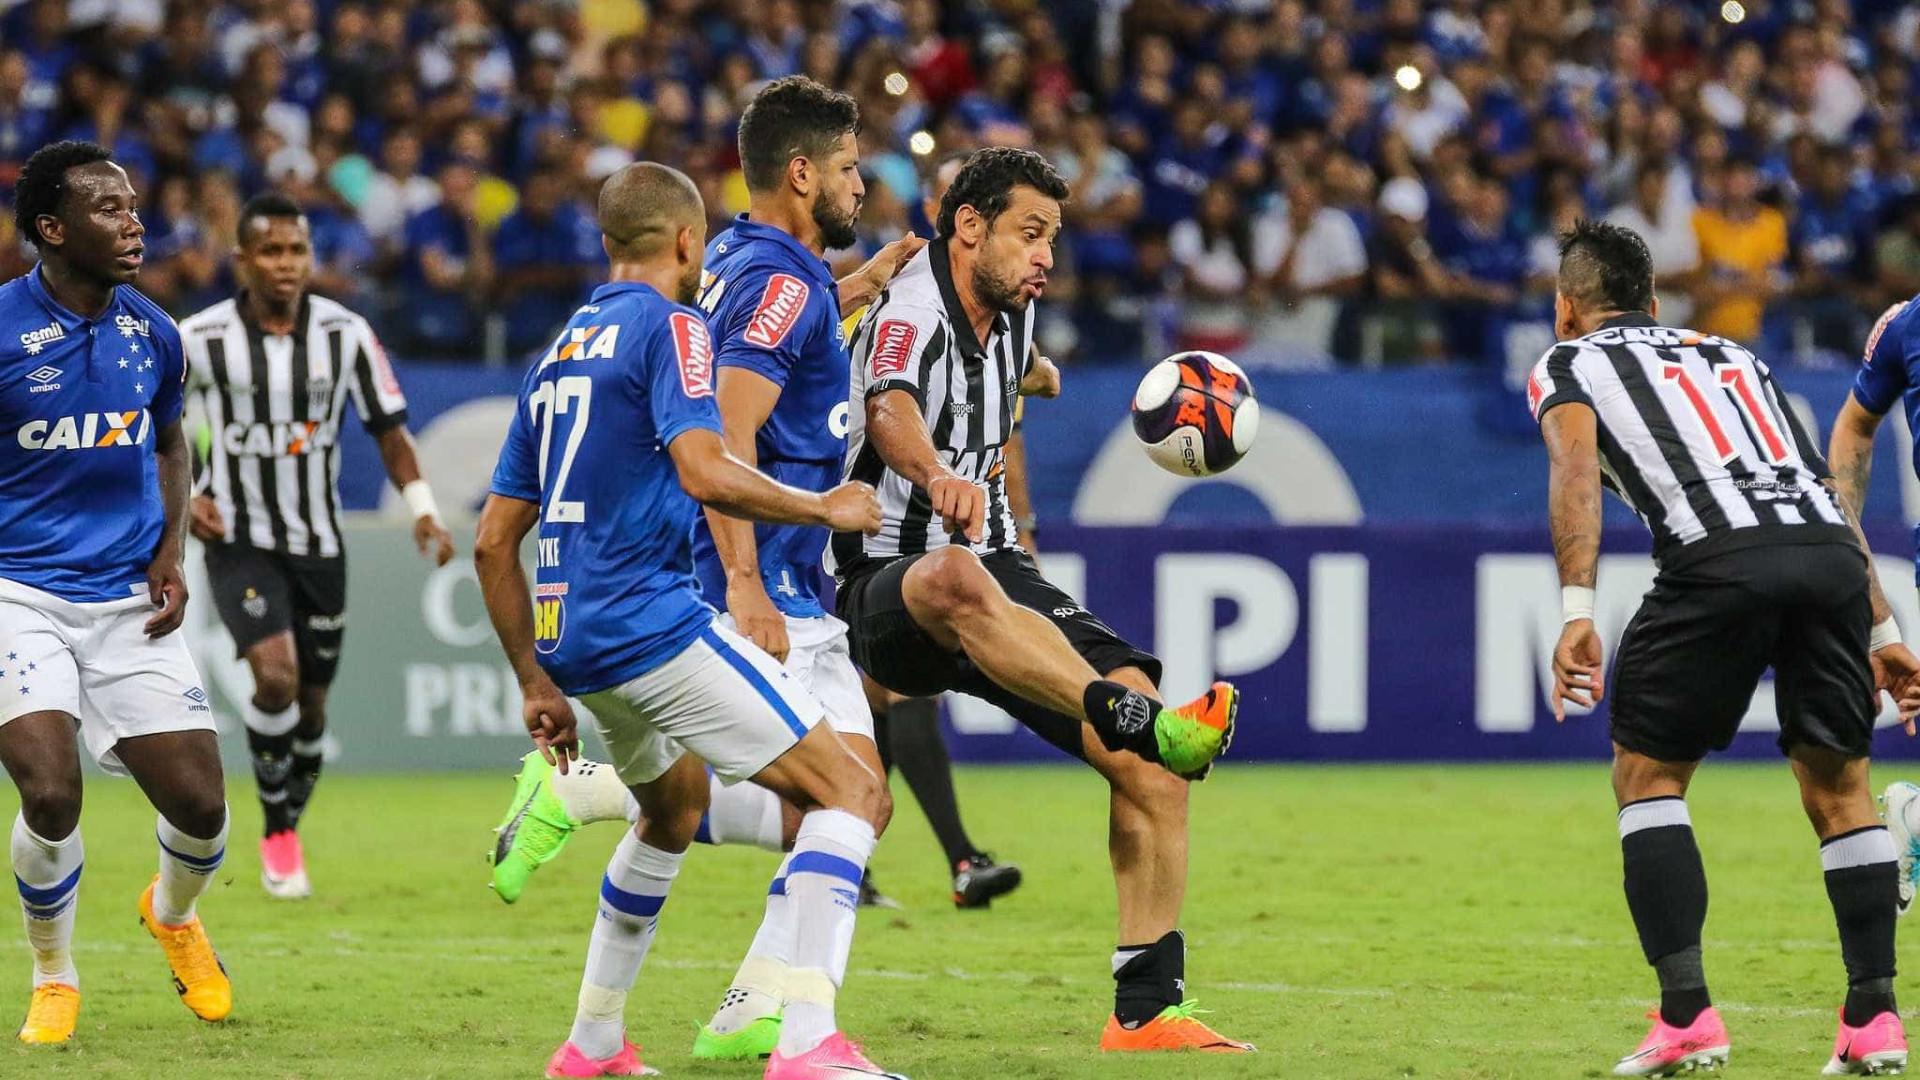 Com pouca emoção, Cruzeiro e Atlético empatam sem gols